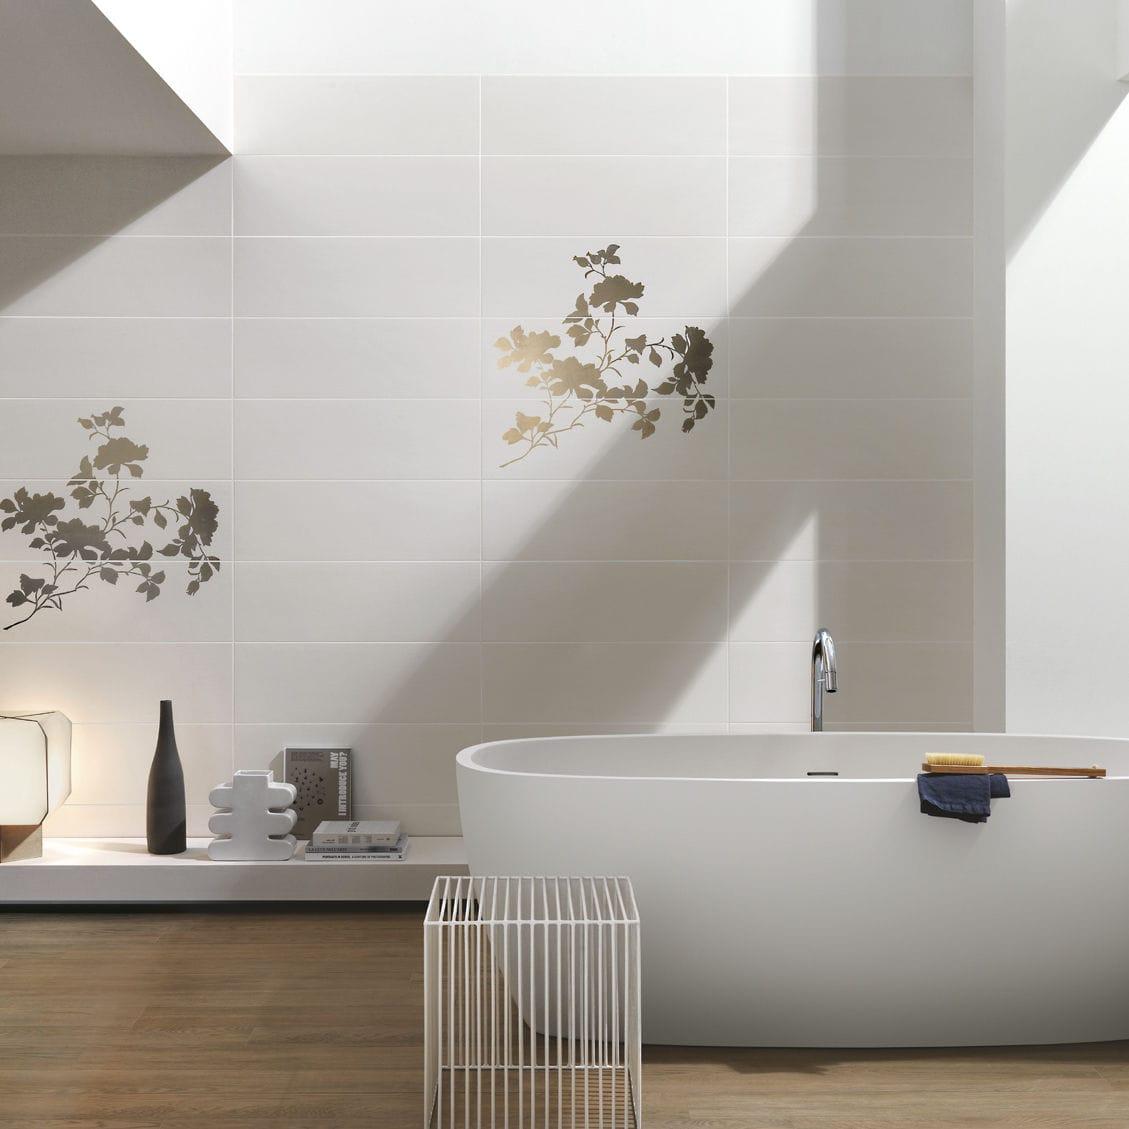 Fliesen für Badezimmer / Wand / Keramik / Samtaspekt TREND Ragno